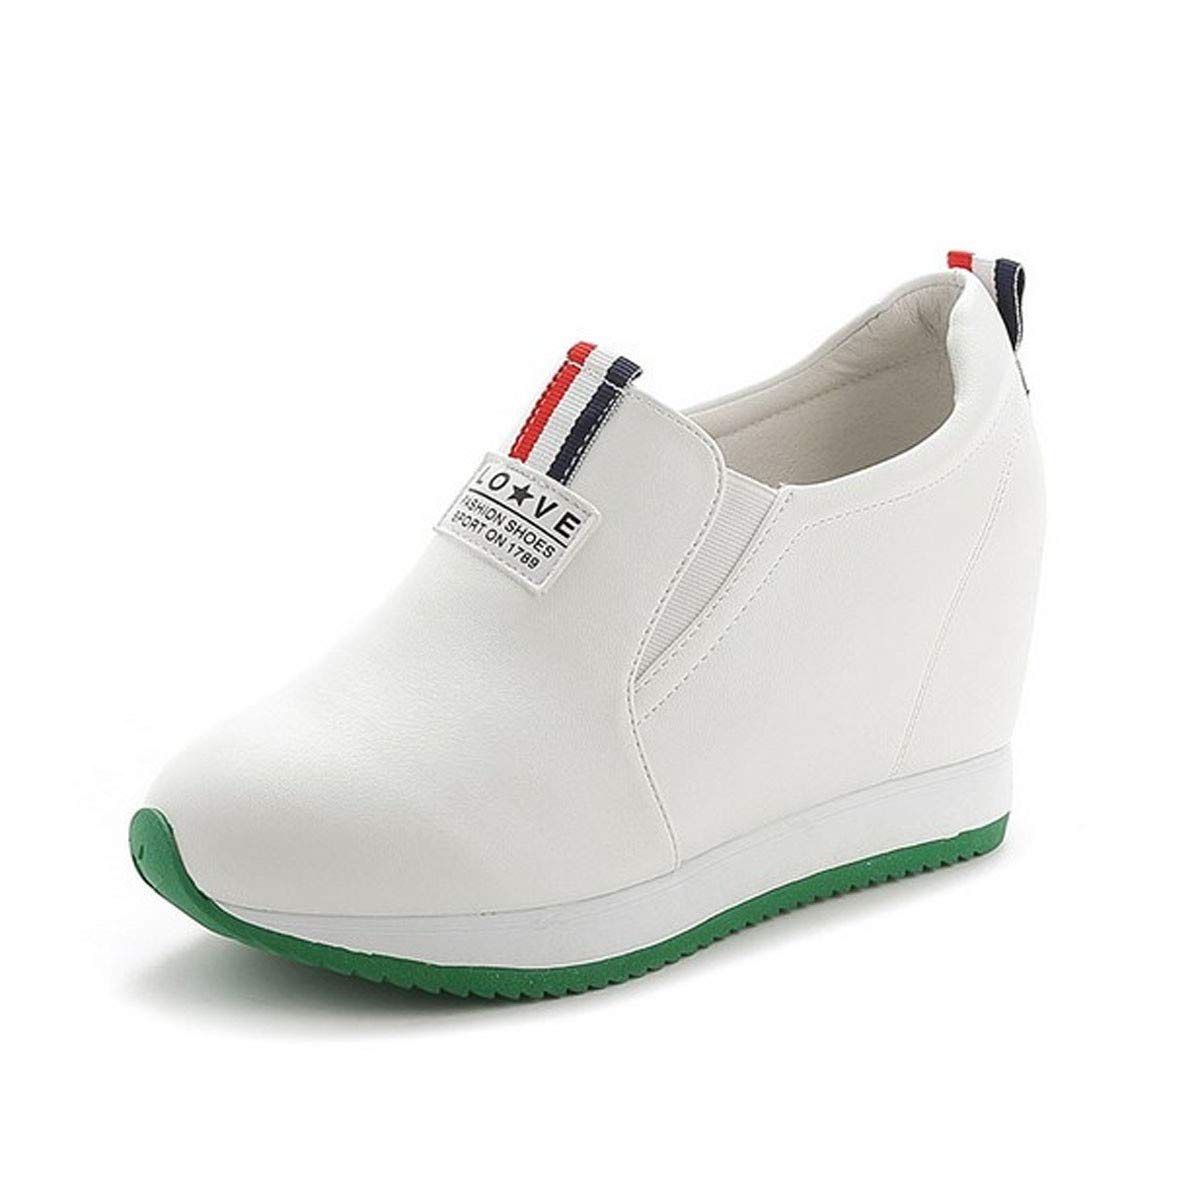 KPHY Damenschuhe Im Sommer Stieg 8Cm Aushöhlen Damenschuhe Weiße Schuhe Koreanischen Version Casual Schuhen Steigung Mit Einem Fußpedal Schuhe.